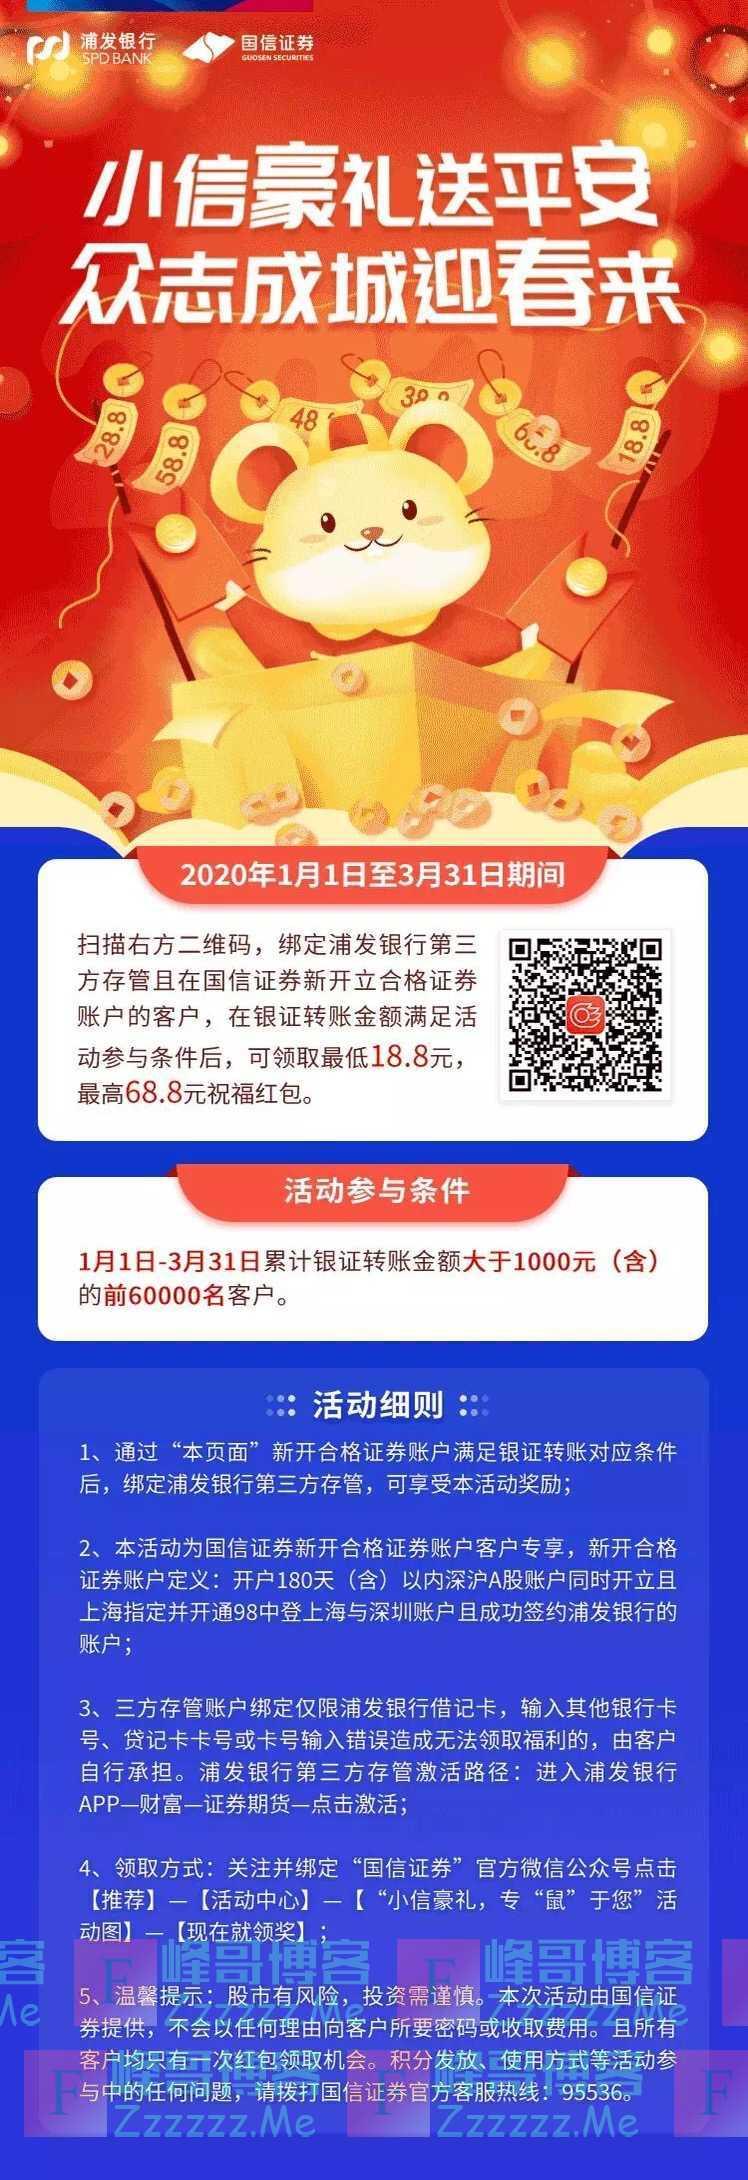 浦发银行绑定即送最高68.8元红包(3月31日截止)